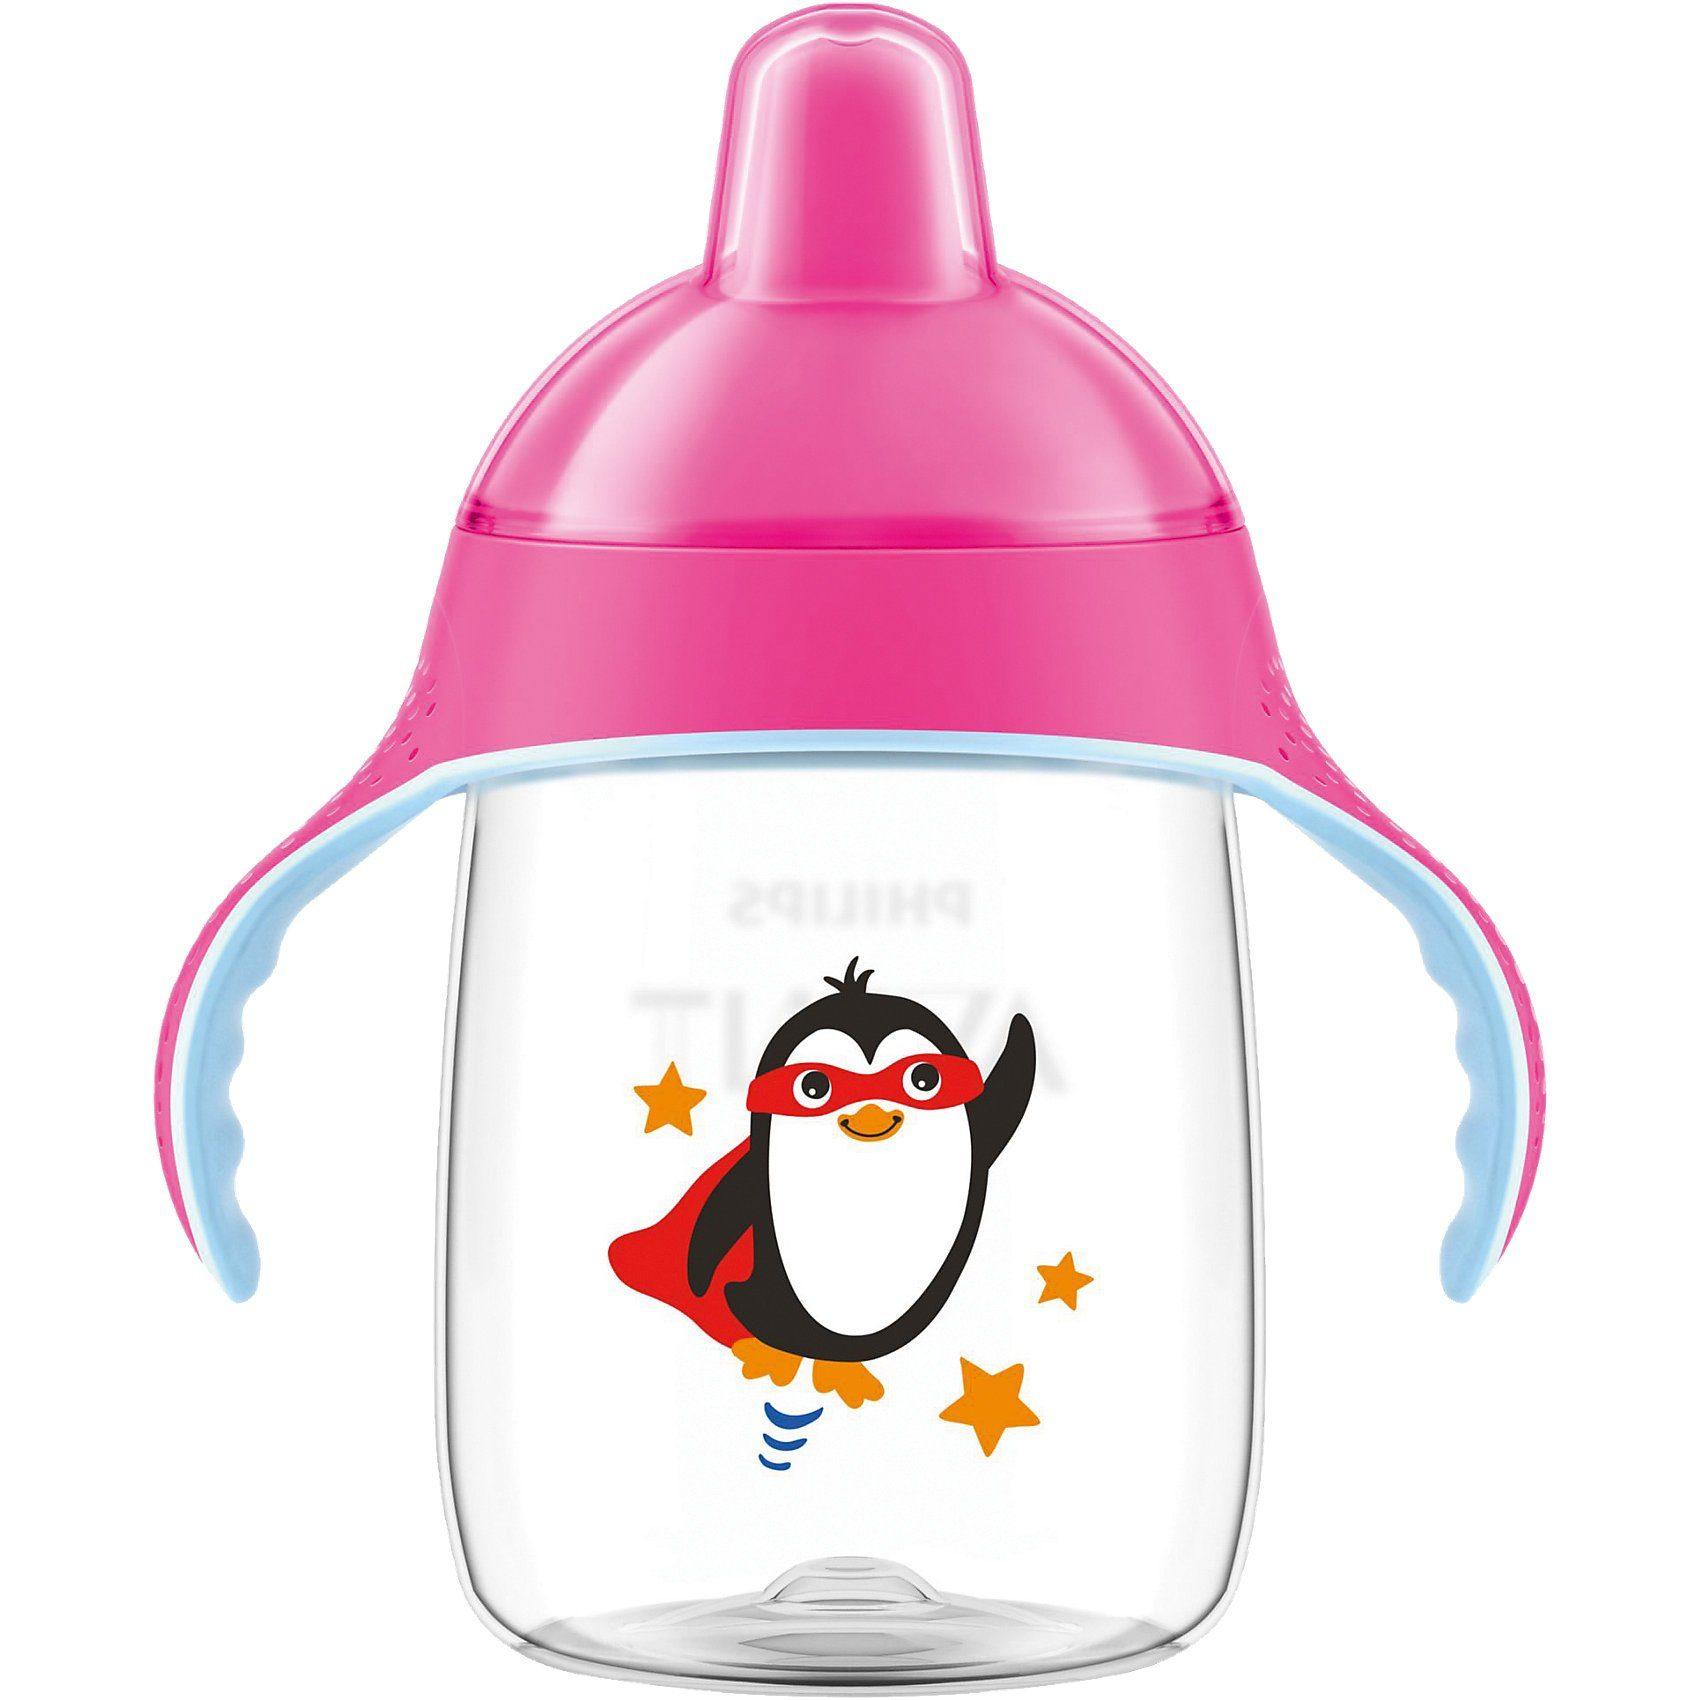 Philips AVENT Trinklernflasche SCF755/07, 340 ml, Silikonschnabel, pink